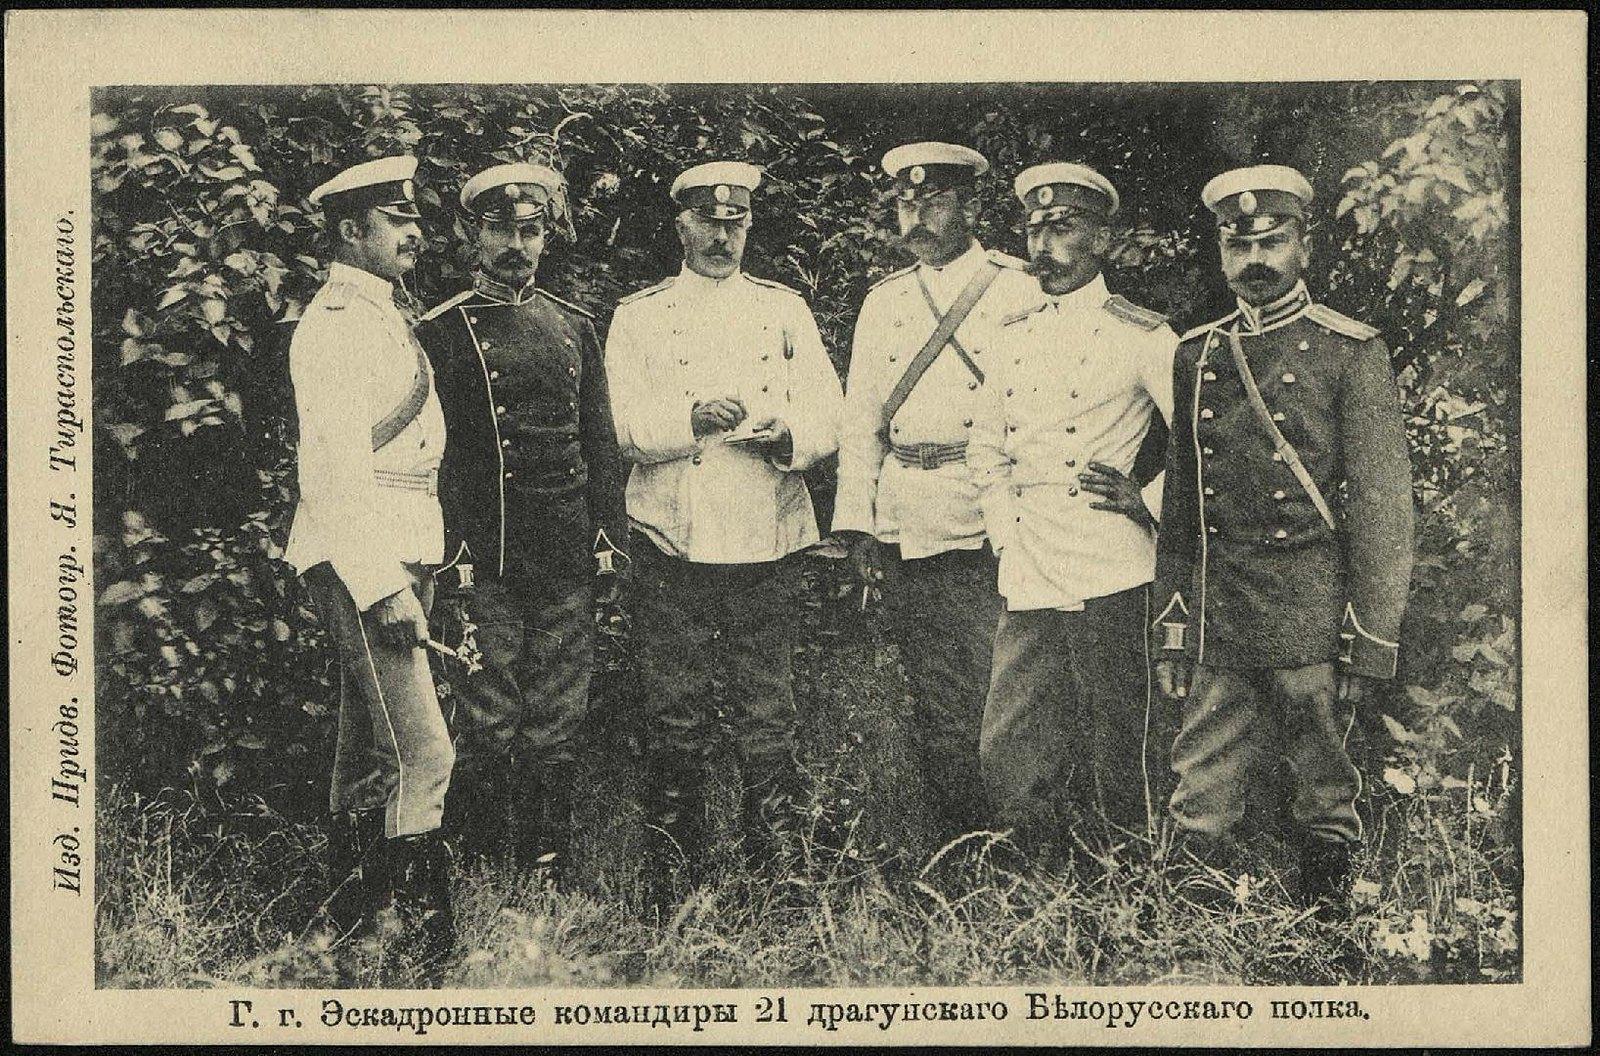 Эскадронные командиры 21 драгунского Белорусского полка